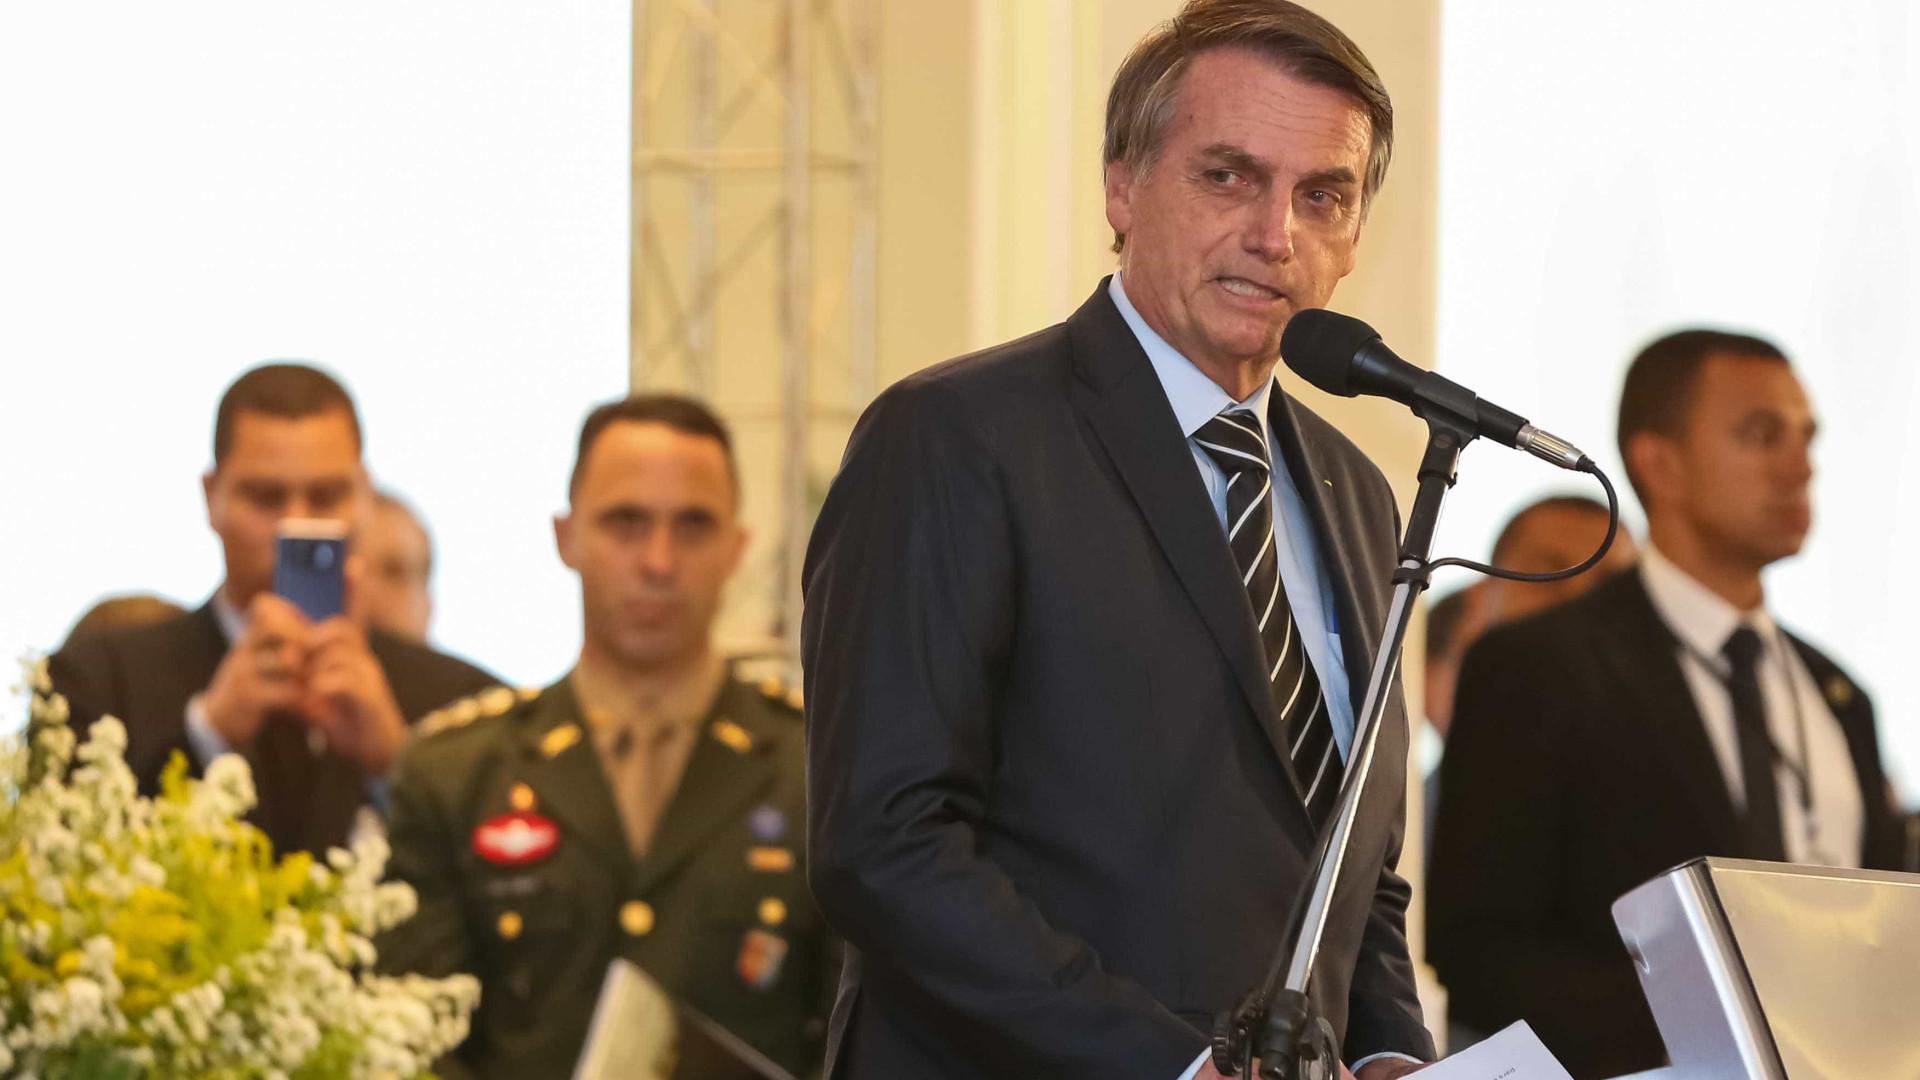 'Tá na cara que tem coisa errada aí', diz Bolsonaro sobre governo Temer